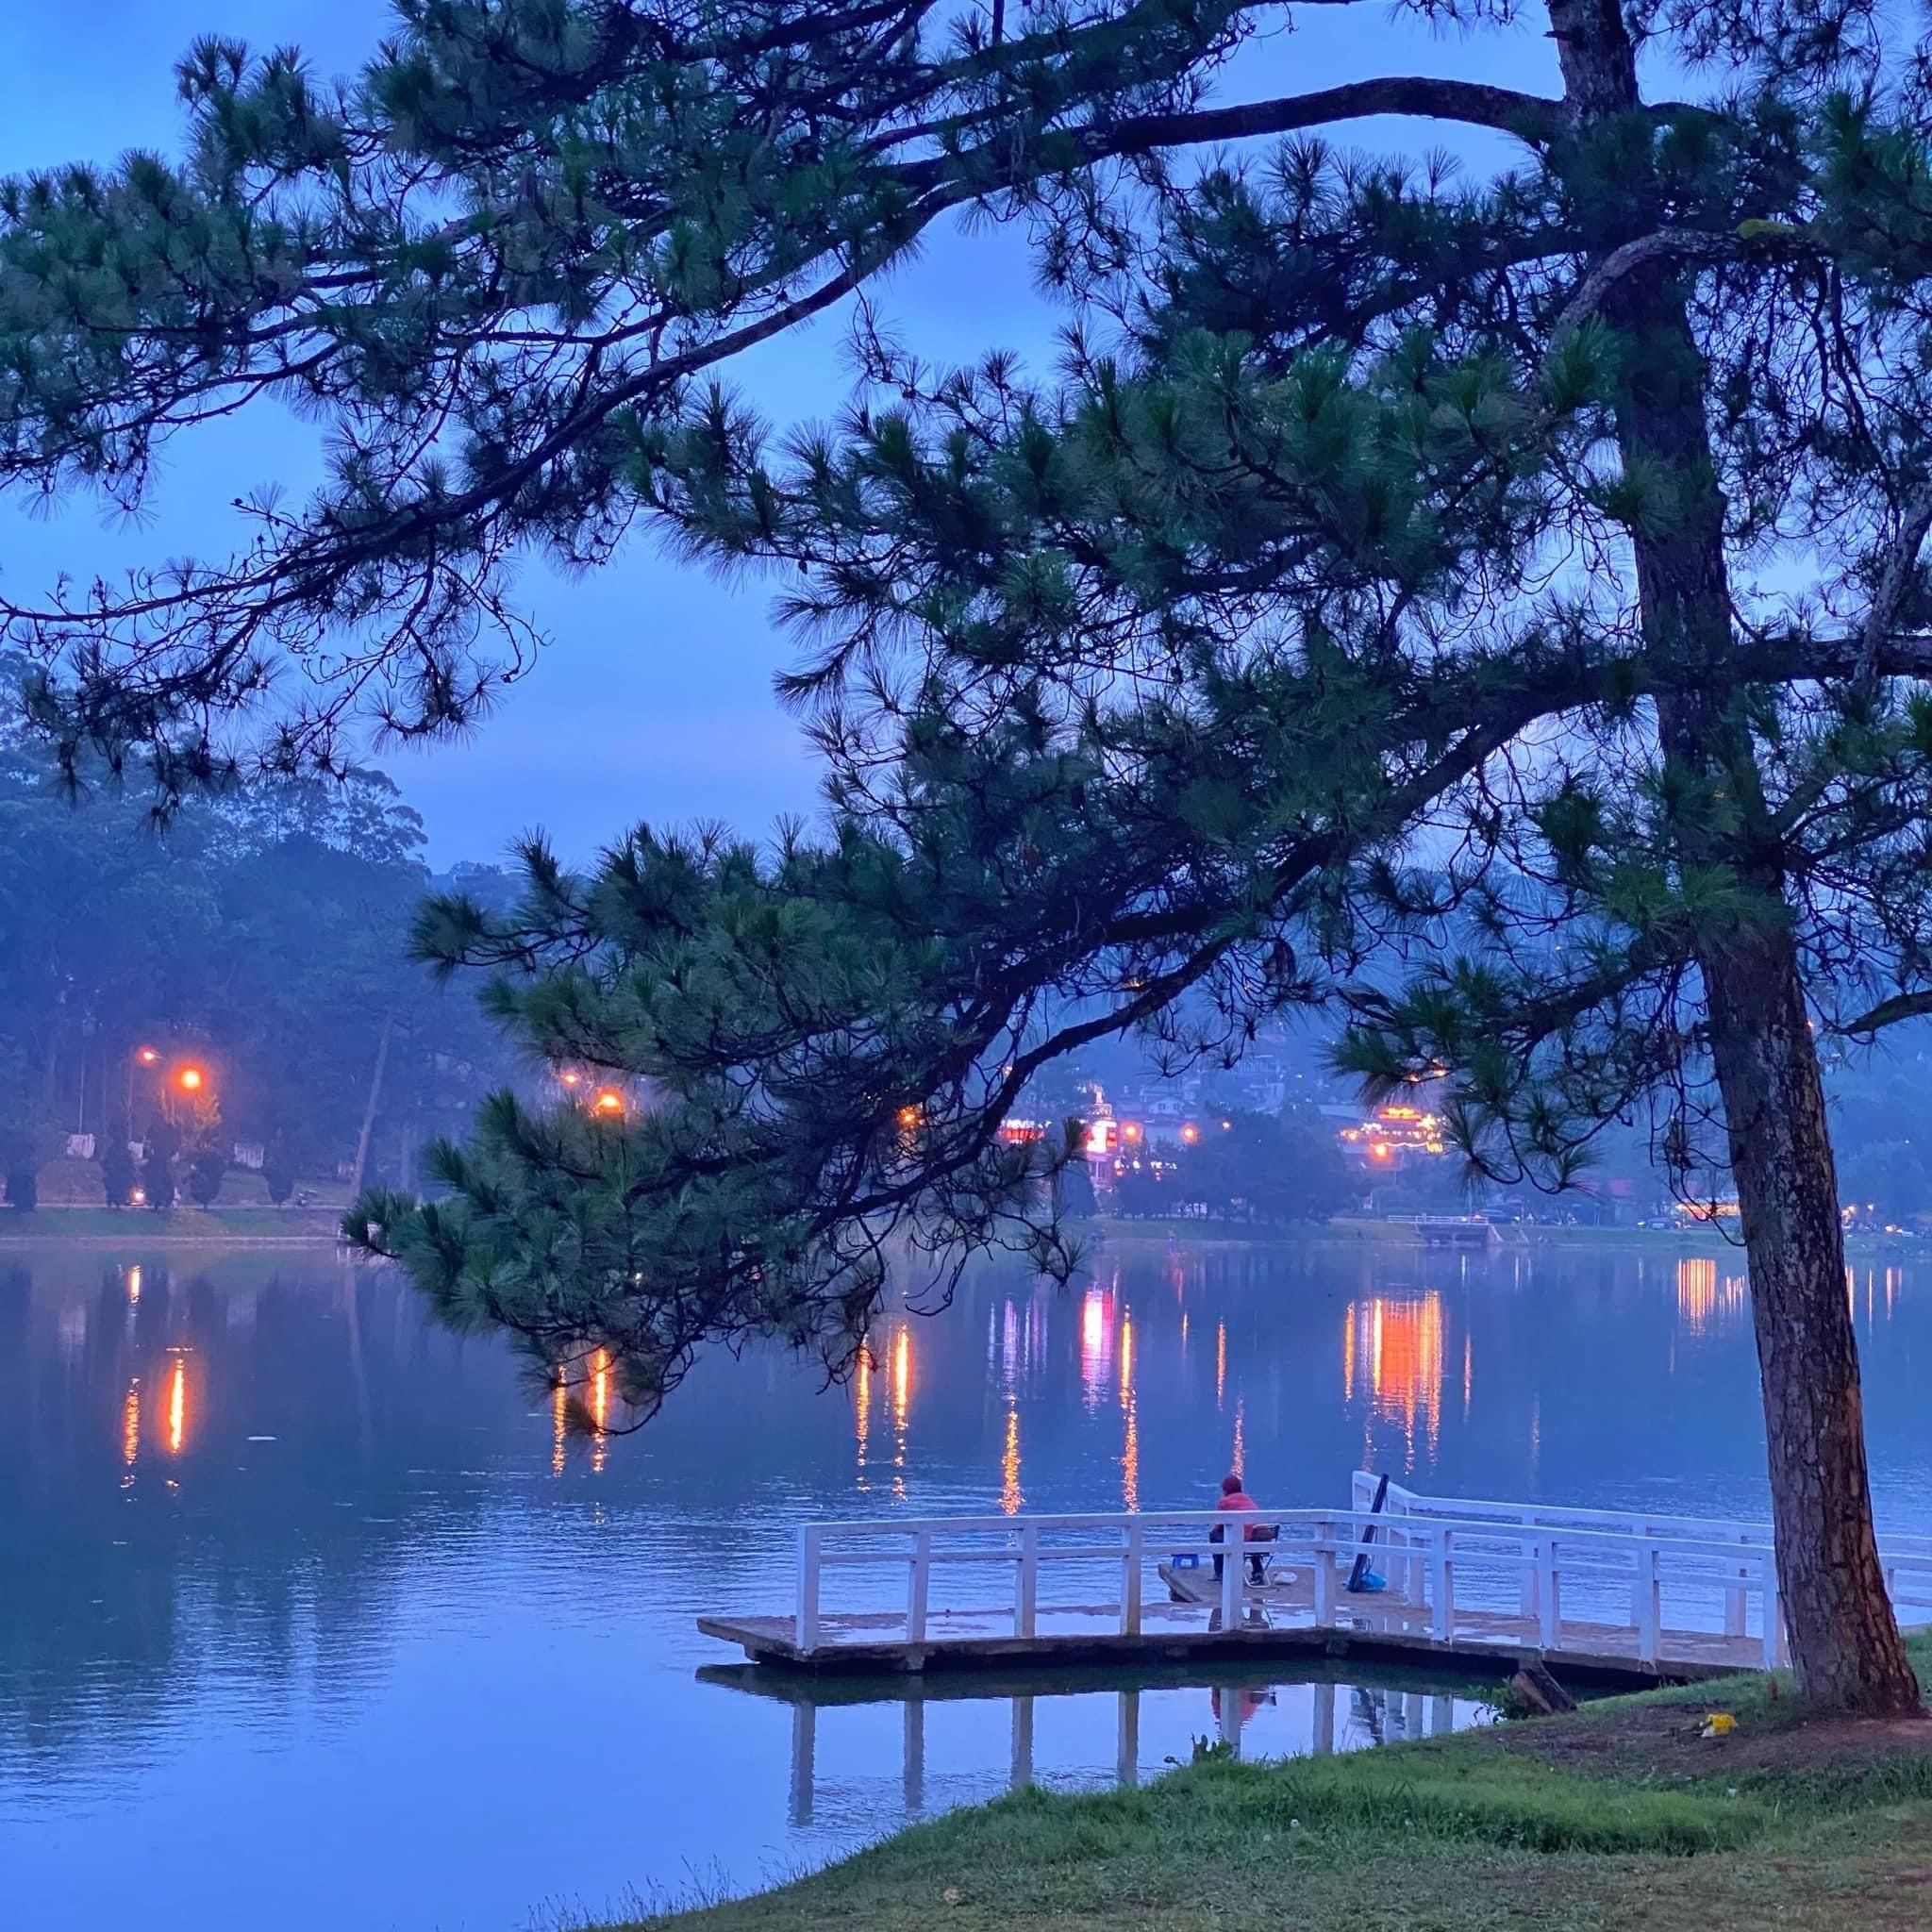 Biển mây mờ ảo như tiên cảnh ở Đà Lạt những ngày tháng 9